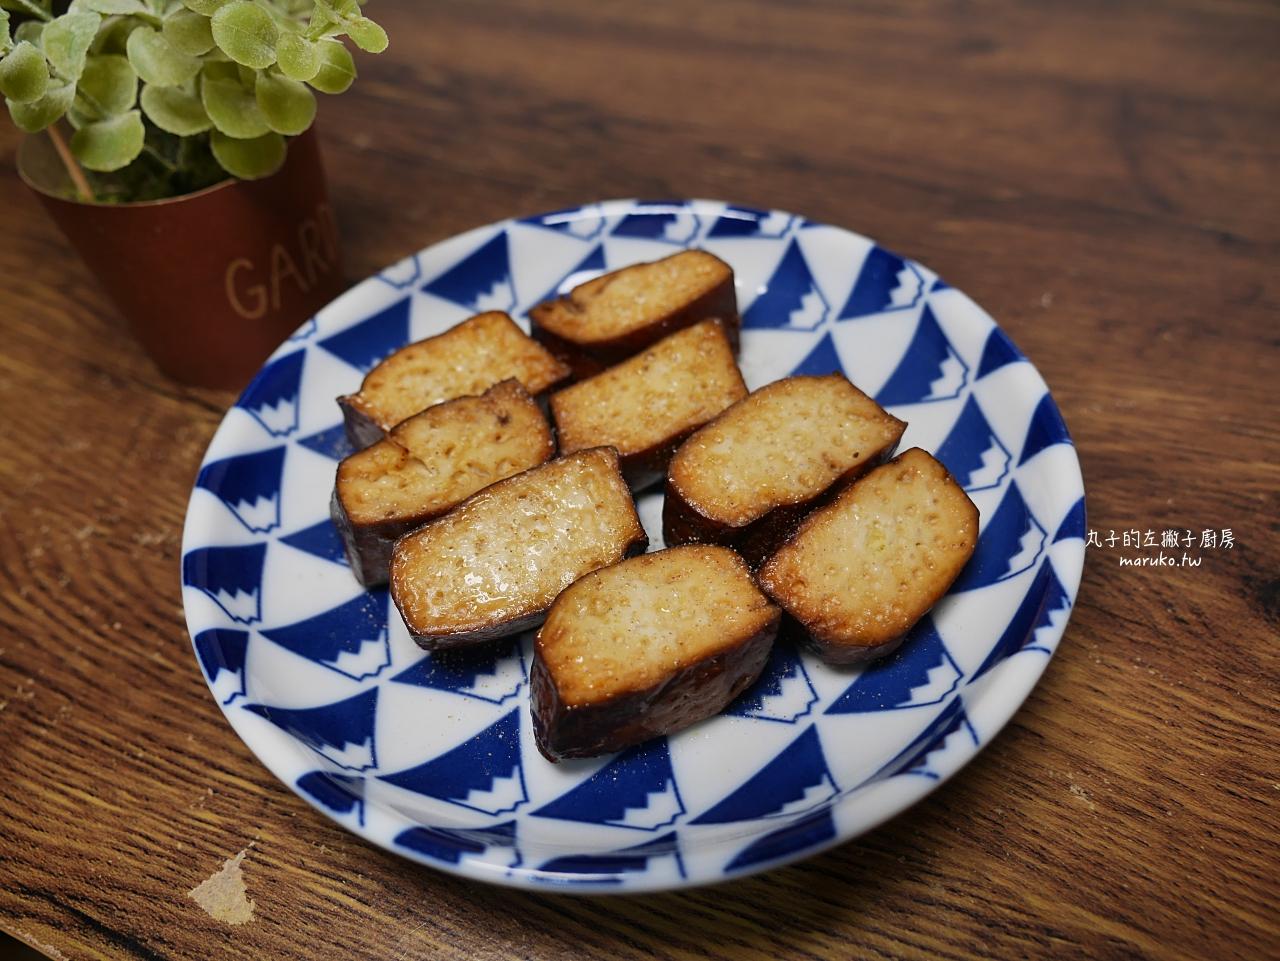 【食譜】會噴汁的氣炸豆干|先滷後炸,多個步驟能讓豆干氣孔打開 @Maruko與美食有個約會